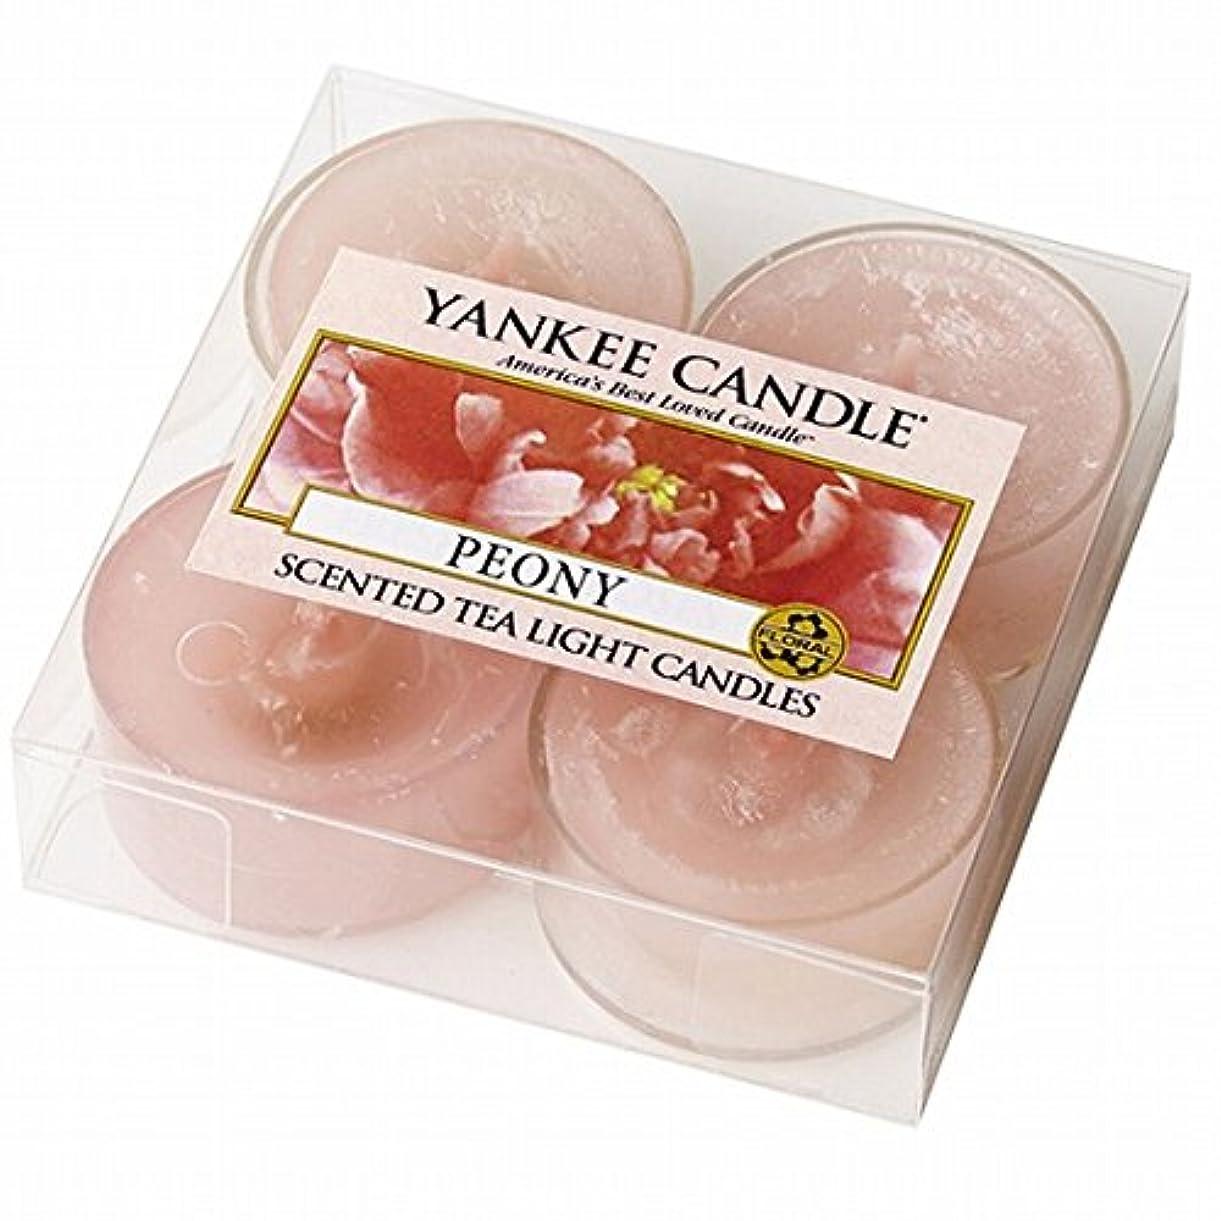 バトル純度ストレスYANKEE CANDLE(ヤンキーキャンドル) YANKEE CANDLE クリアカップティーライト4個入り 「ピオニー」(K00205275)